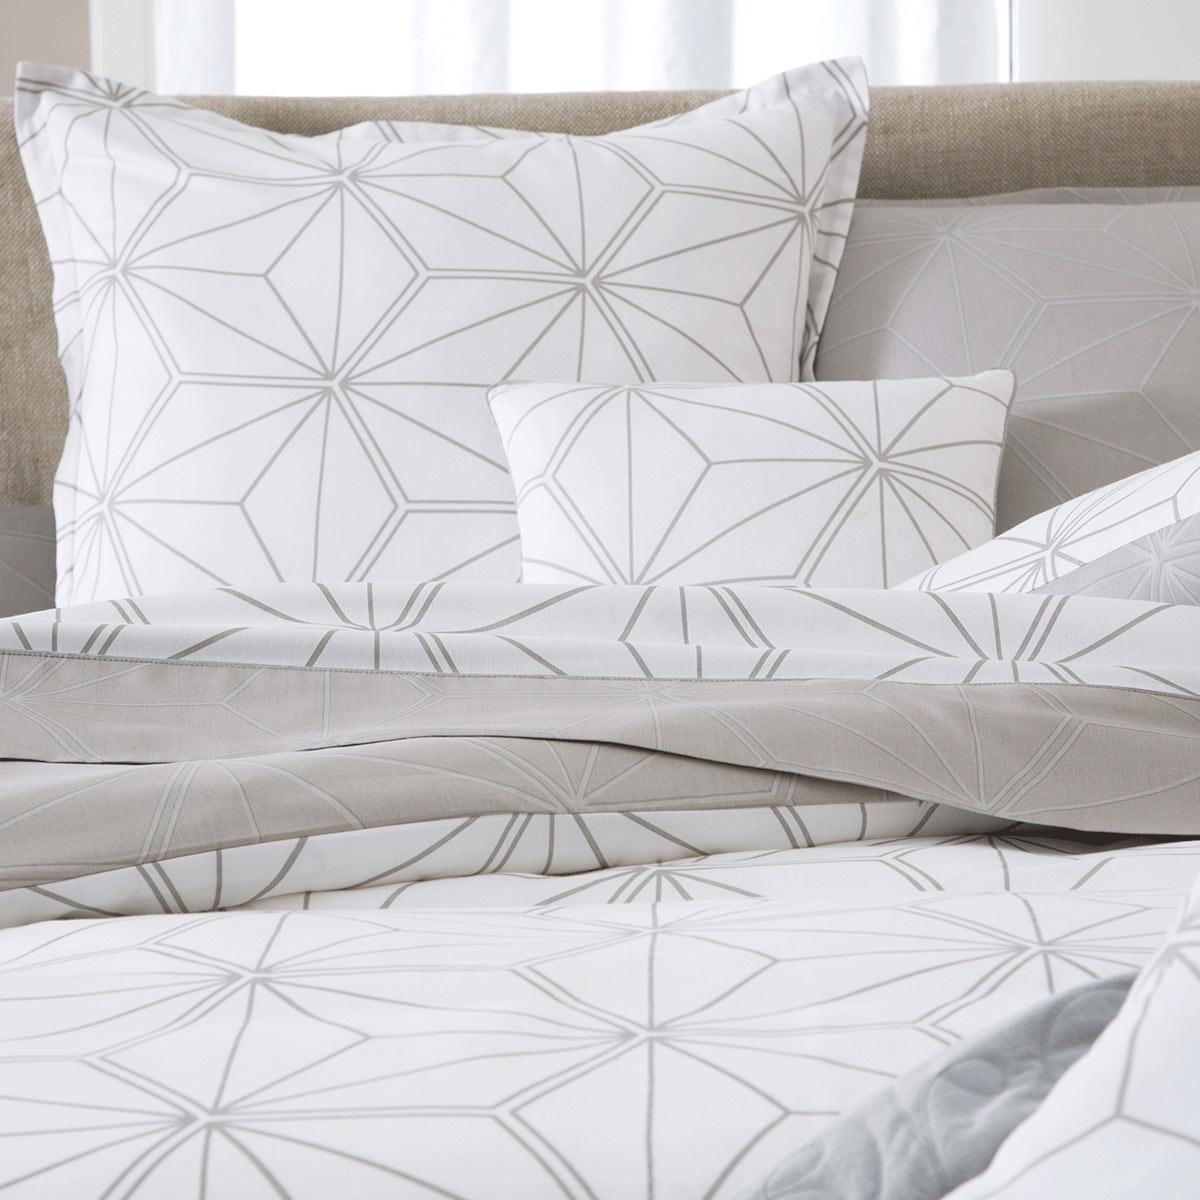 drap plat perseides linge de lit de qualit tradition des vosges. Black Bedroom Furniture Sets. Home Design Ideas